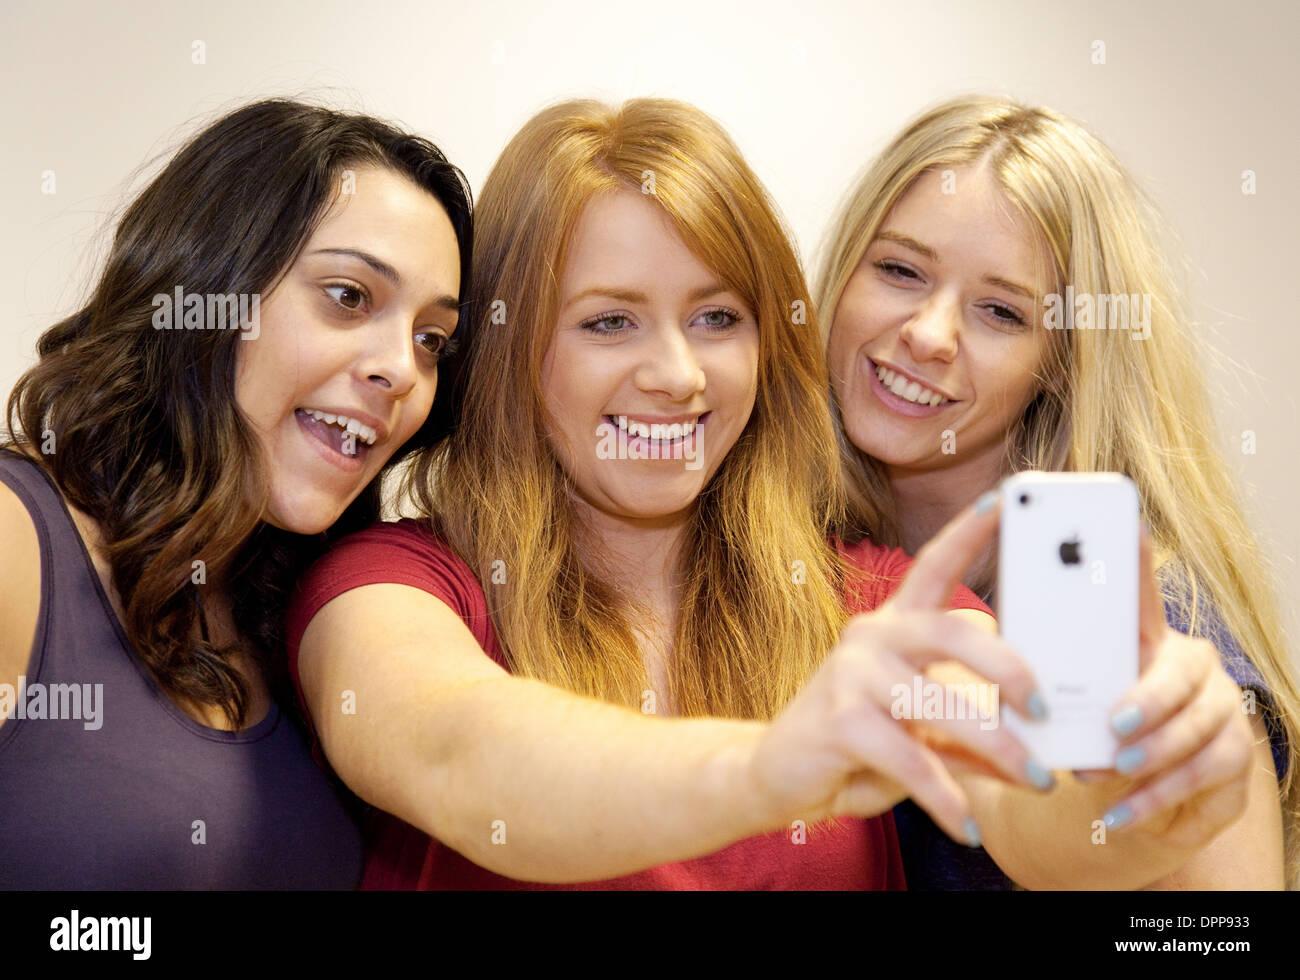 , Selfies prises par trois jeunes femmes adolescents adolescents filles sur un iPhone d'Apple, dans l'Essex, UK Photo Stock